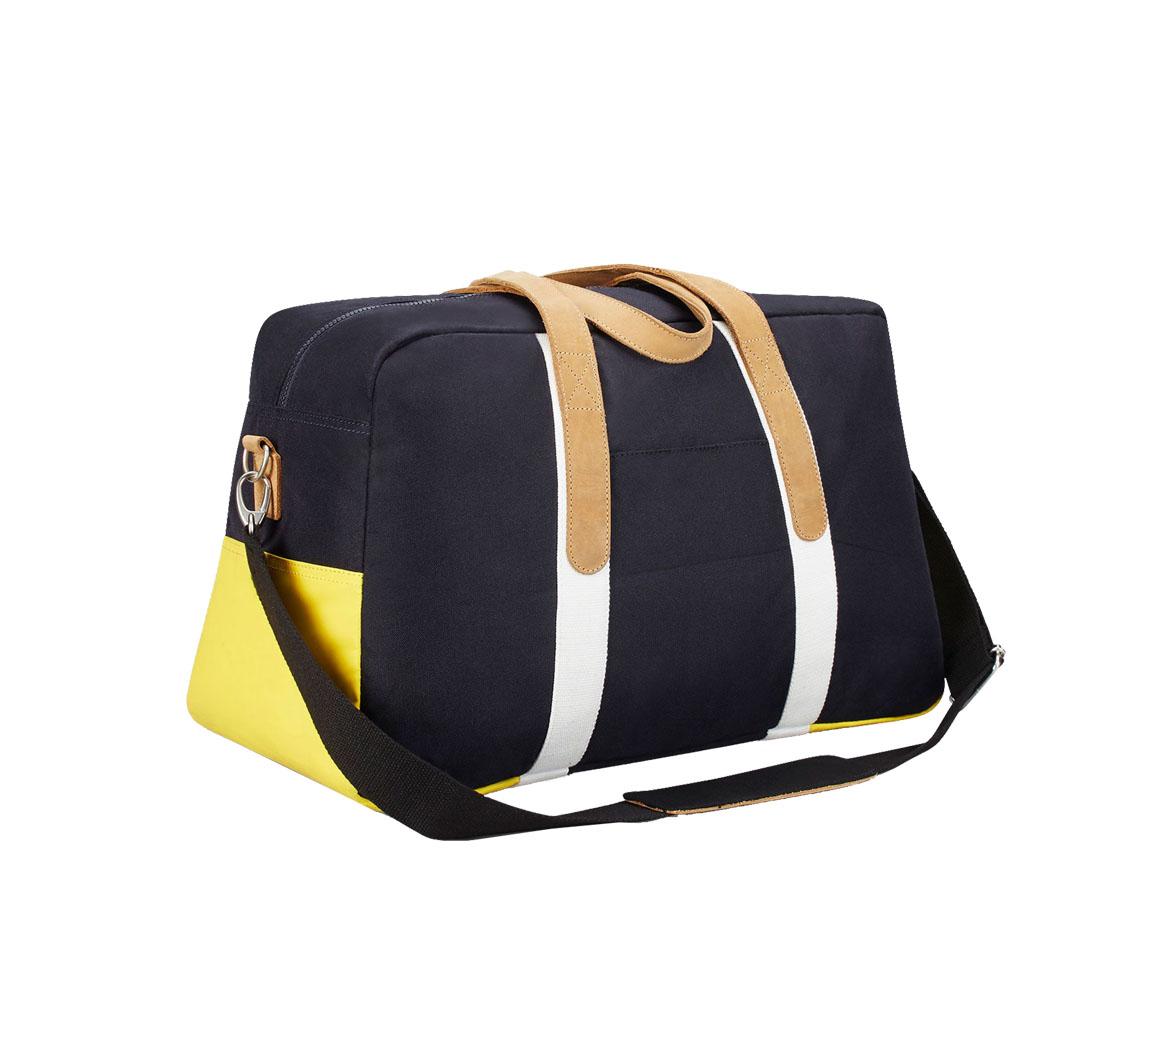 Sac de voyage Armor Lux Bag 48 Edition limitée